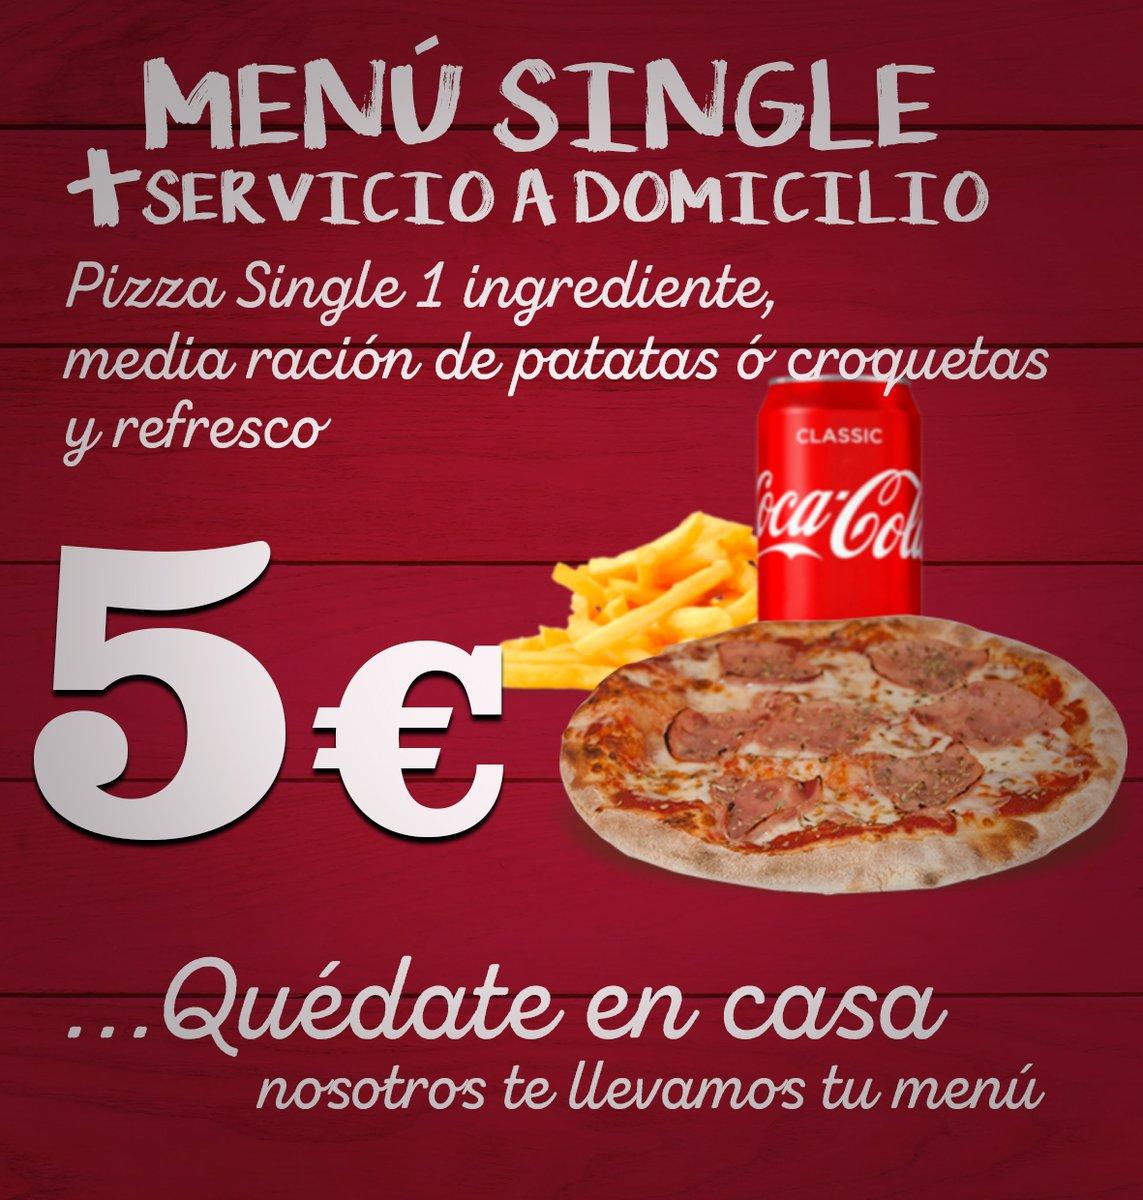 Puedes pedir a domicilio también nuestro Menú Single desde sólo 5€... En #Almoradí ya estamos prestando servicio y en #Guardamar abrimos a partir de las 18:00 #QuédateEnCasa #Pizzalovers pic.twitter.com/zqWoZm8zTQ